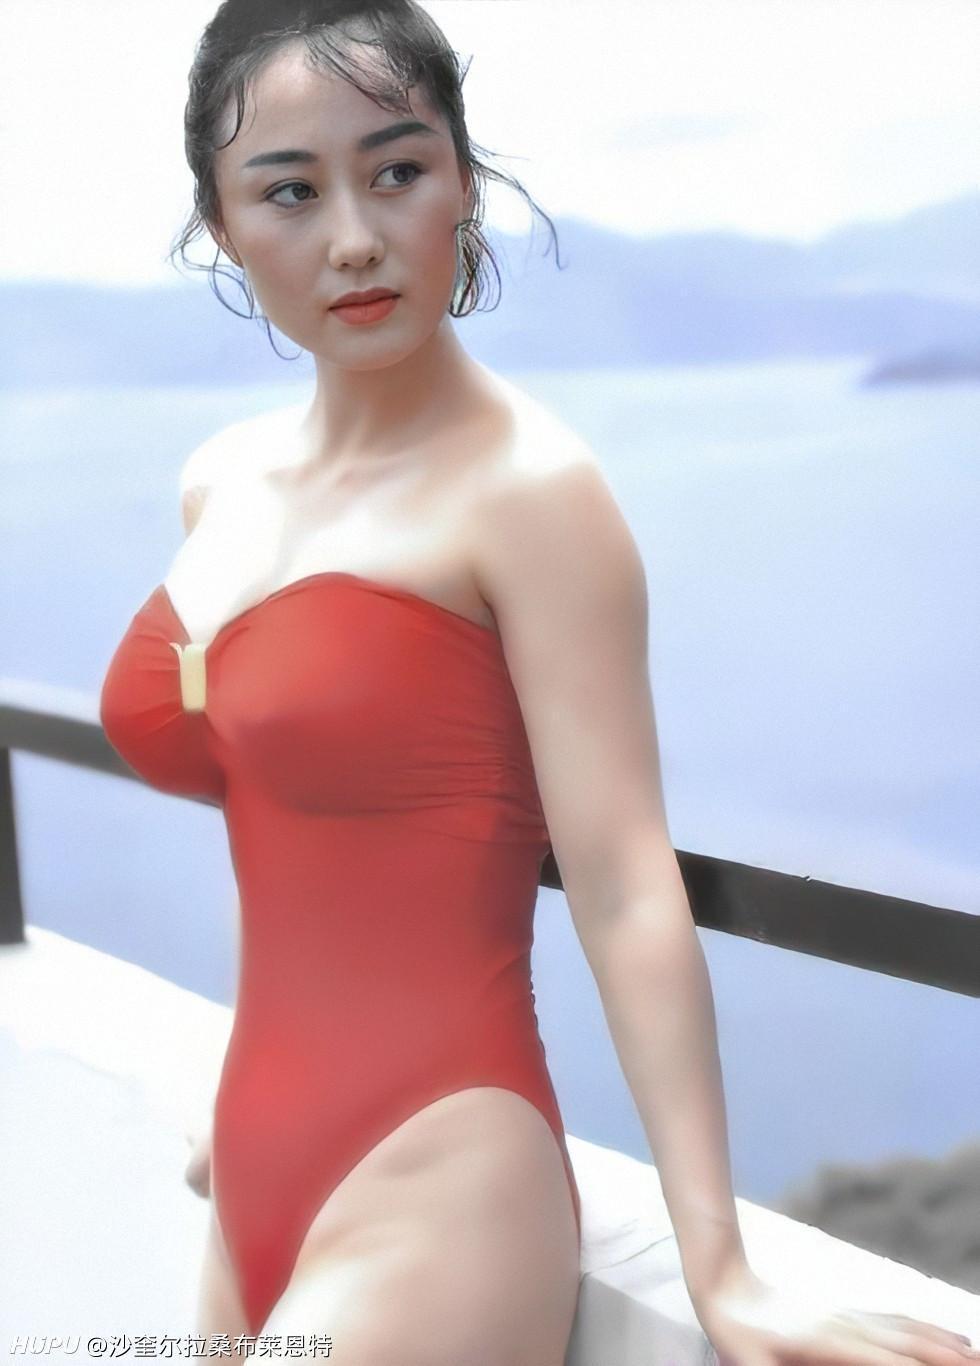 利智是選美出身,年輕時外型美豔,身材火辣,難怪李連杰會被煞到。(網路圖片)